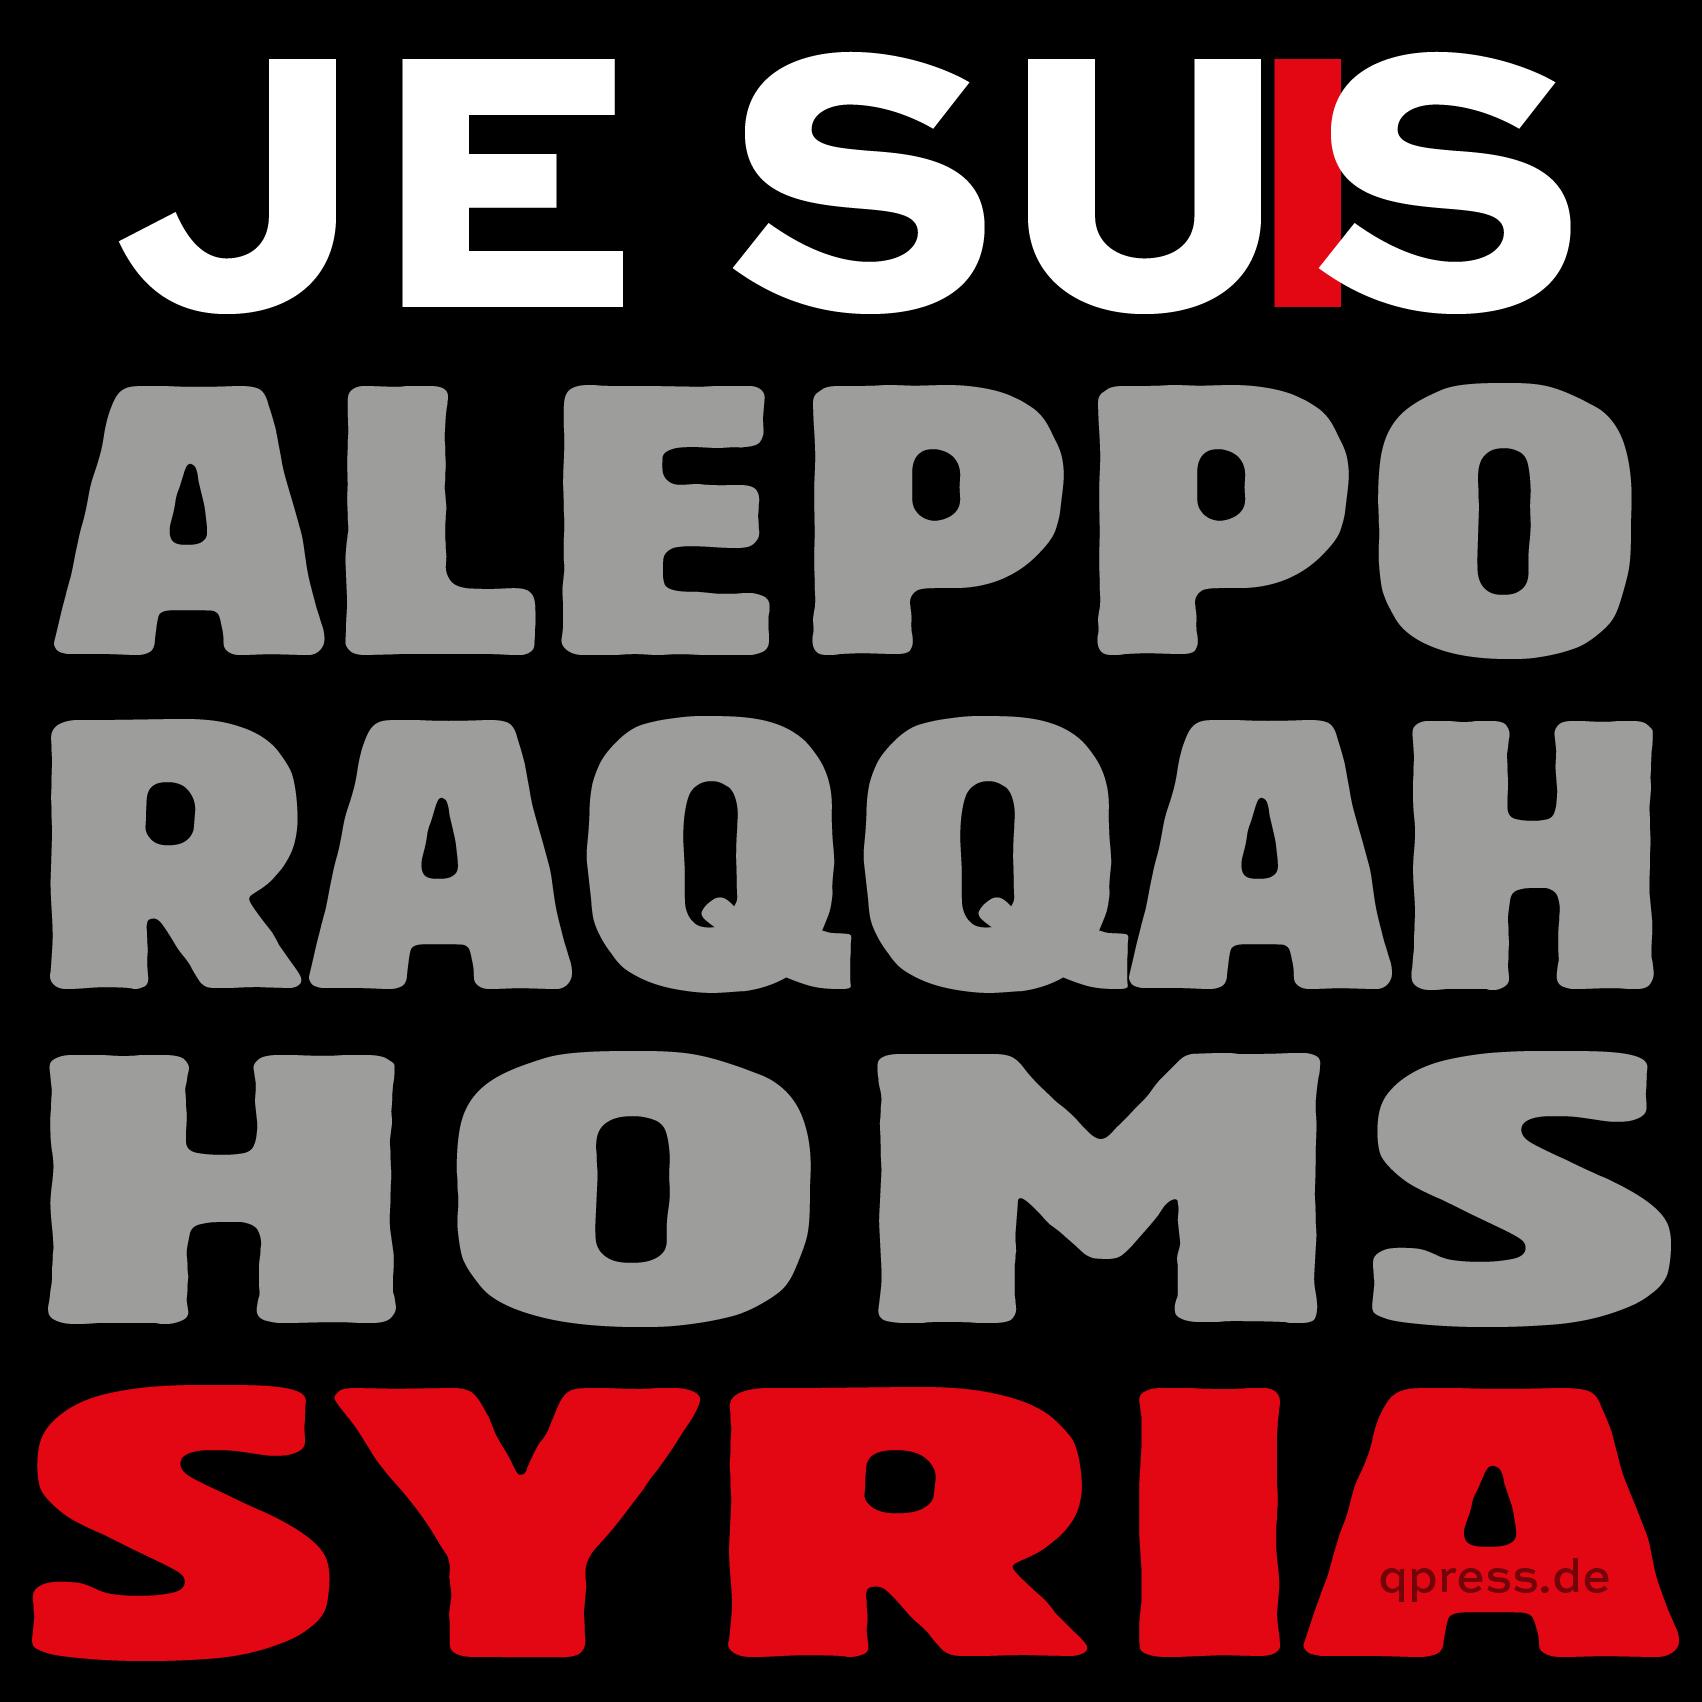 welle des mitgef hls berrollt syrien nach dauermassakern. Black Bedroom Furniture Sets. Home Design Ideas